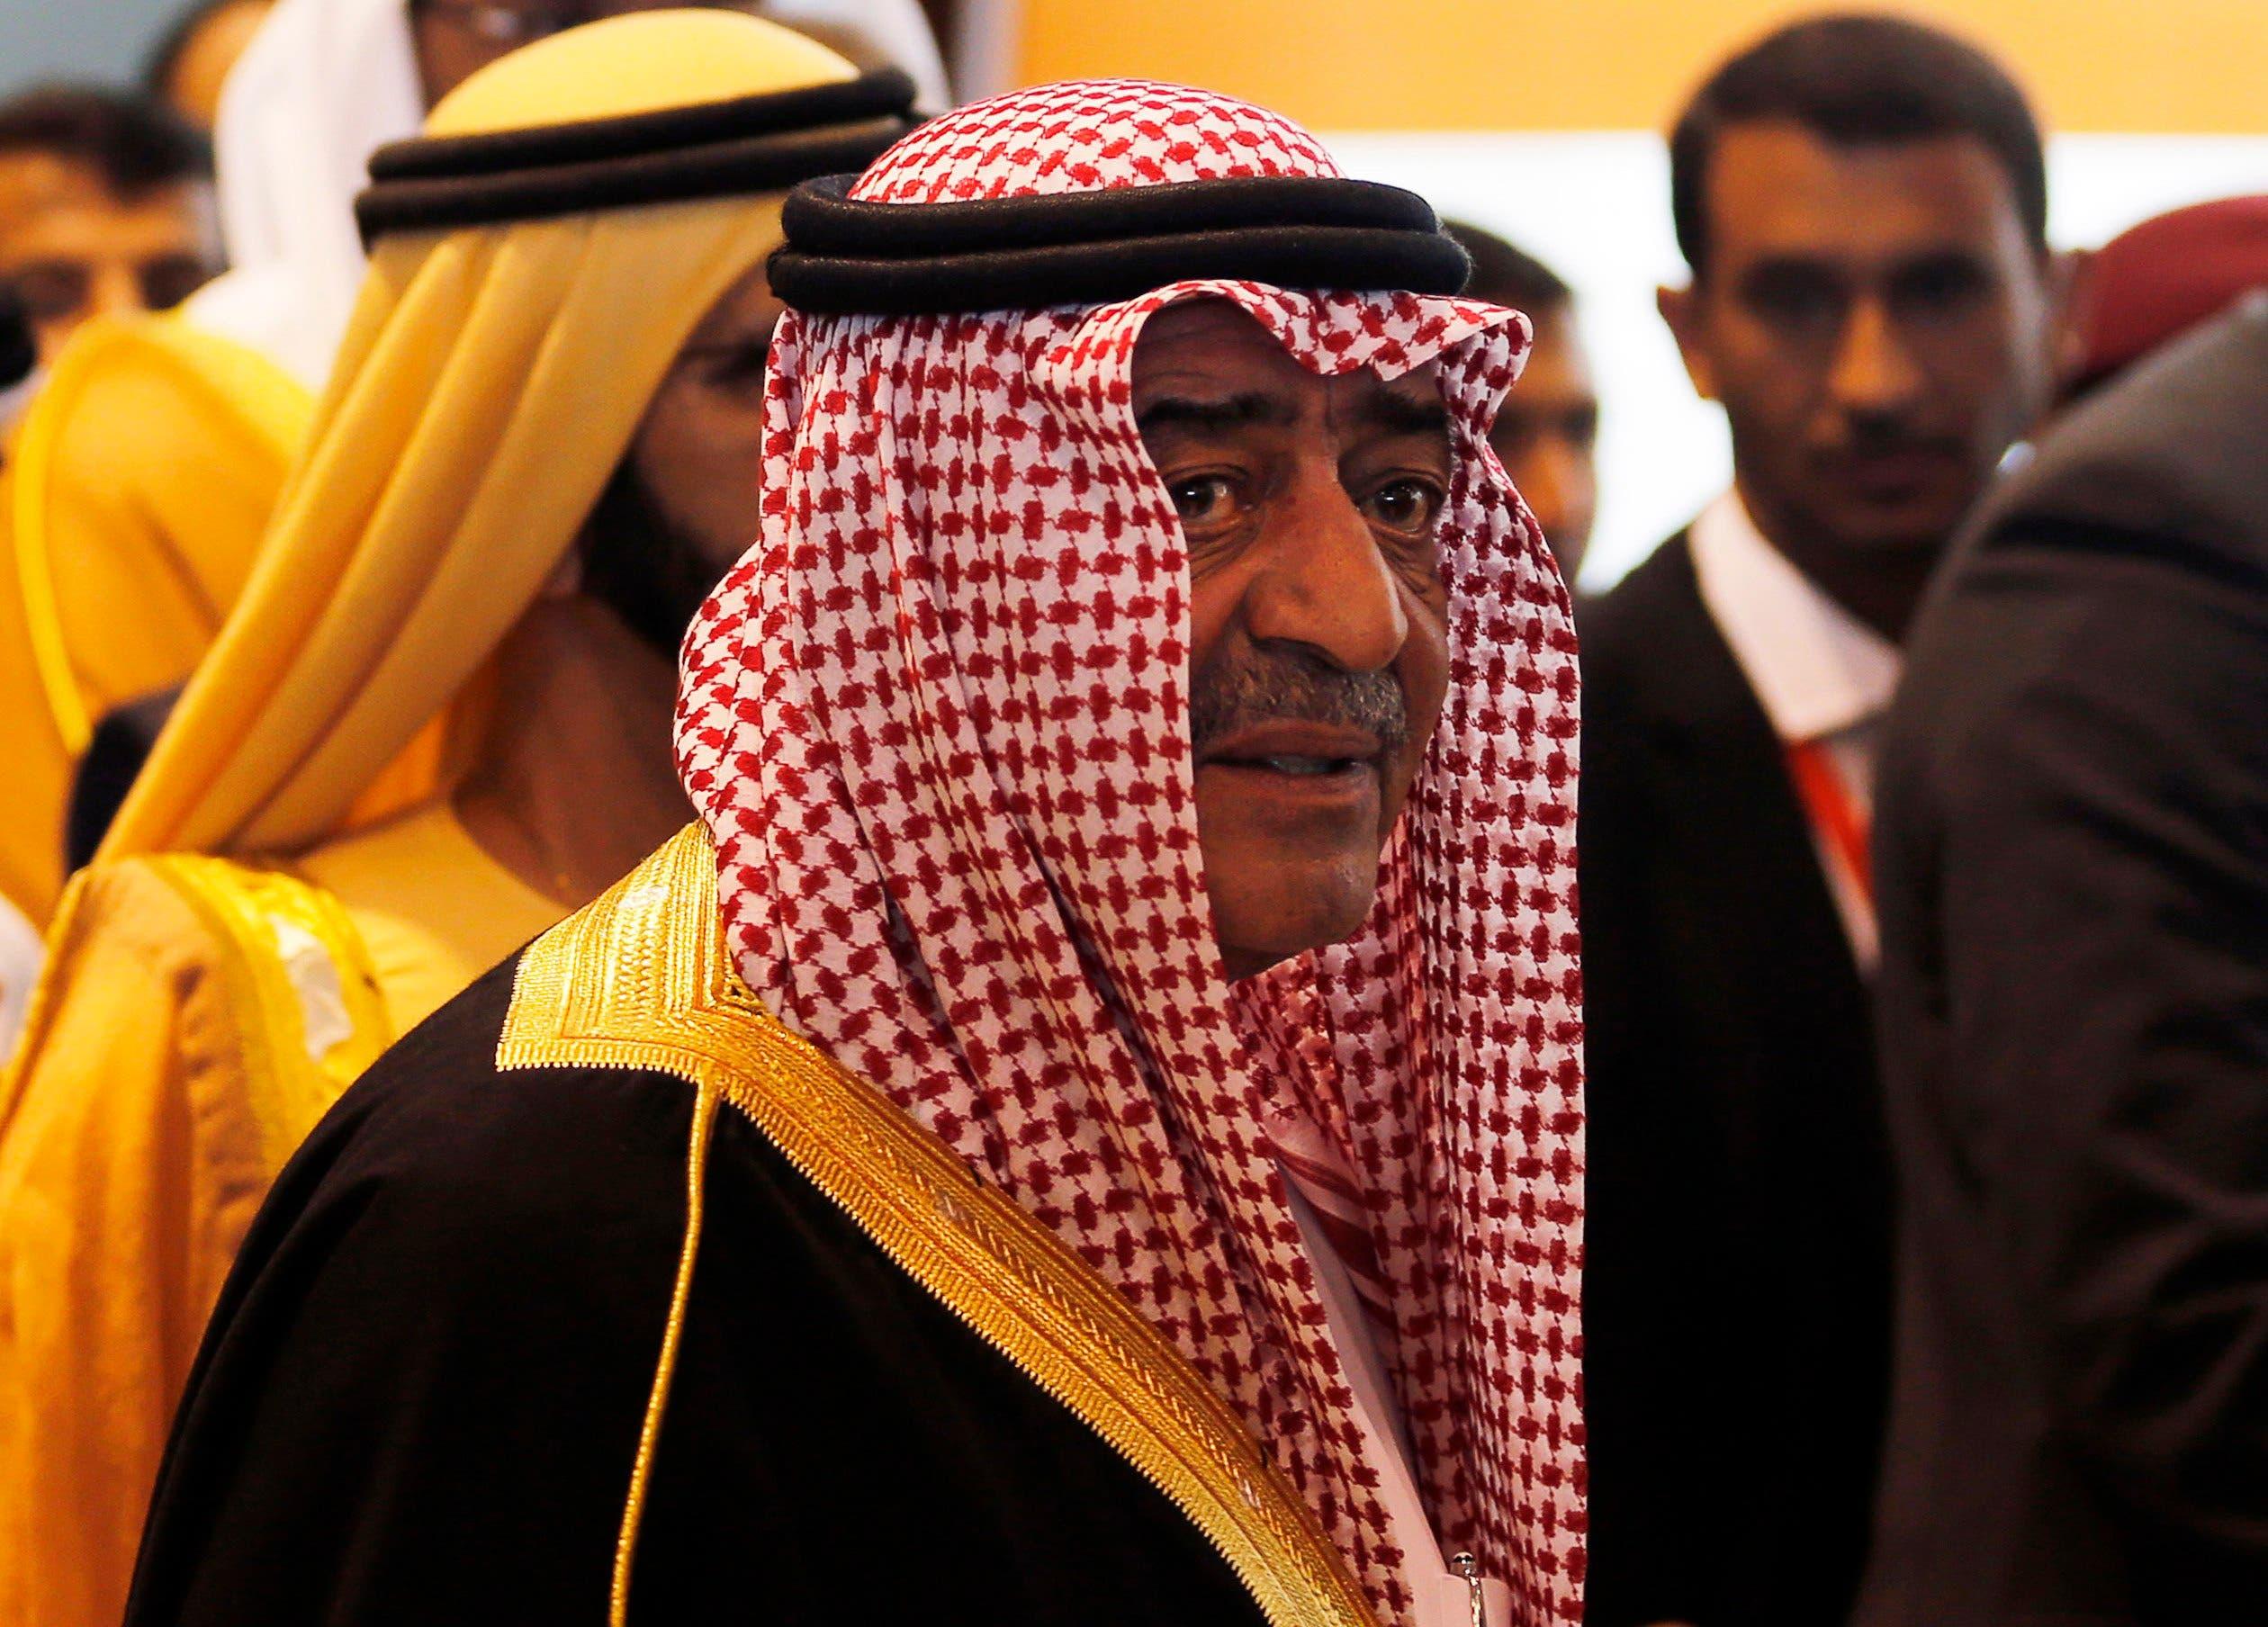 ولي العهد السعودي الأمير مقرن بن عبد العزيز آل سعود